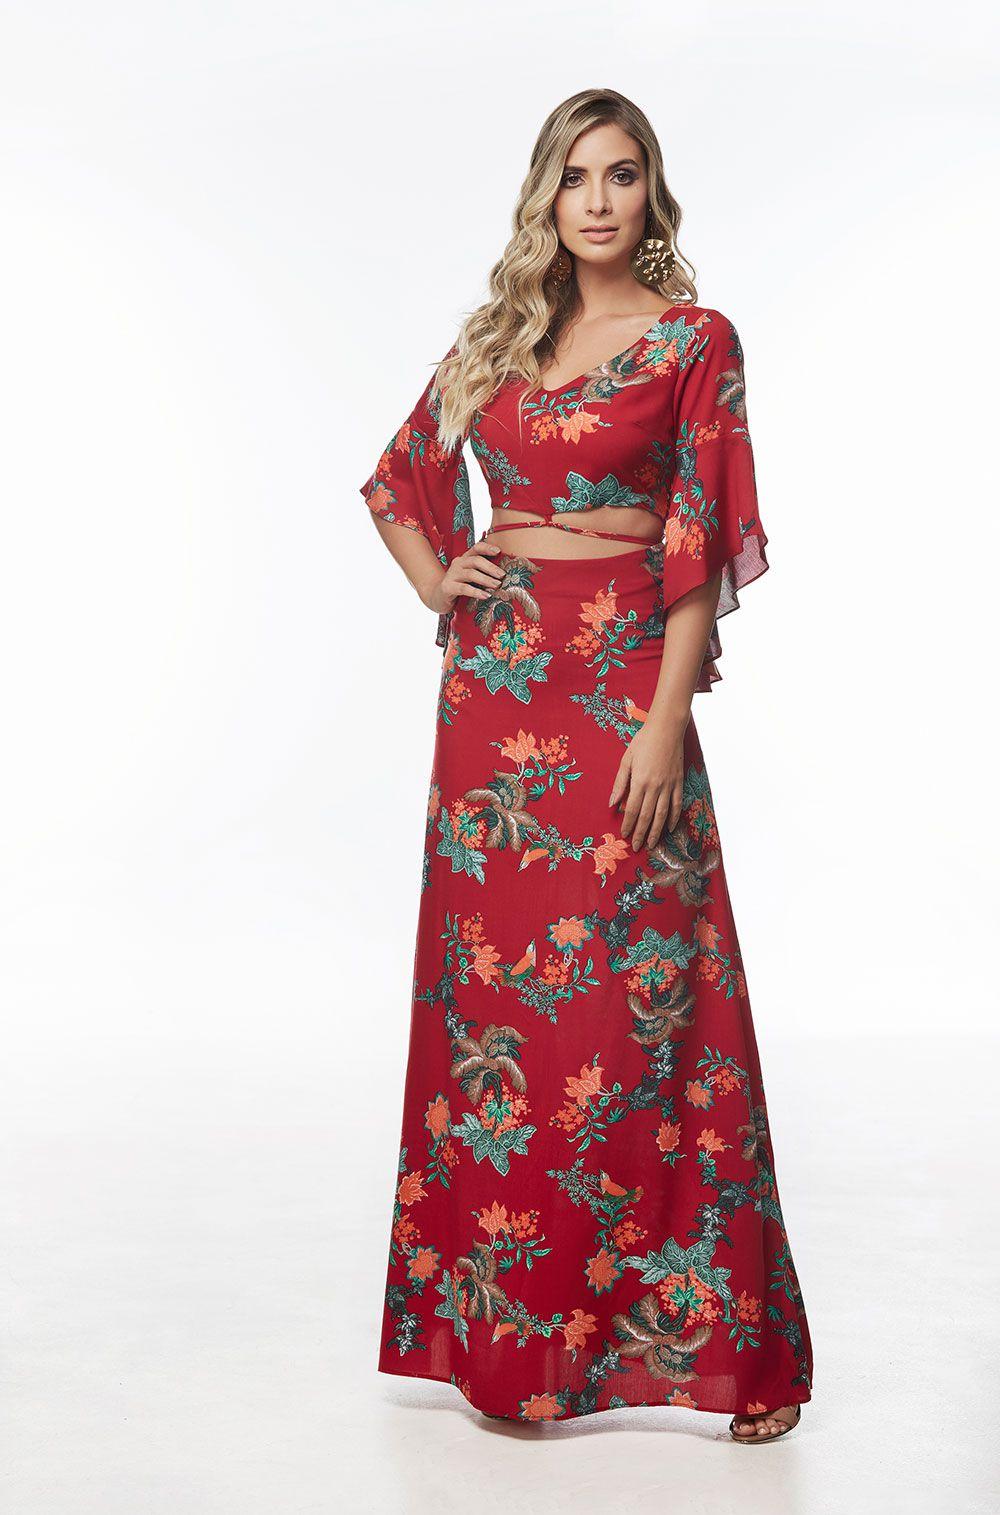 e2ebfe04f630 Vestido Longo Estampado em Viscose Vermelho - VANKOKE - Moda ...